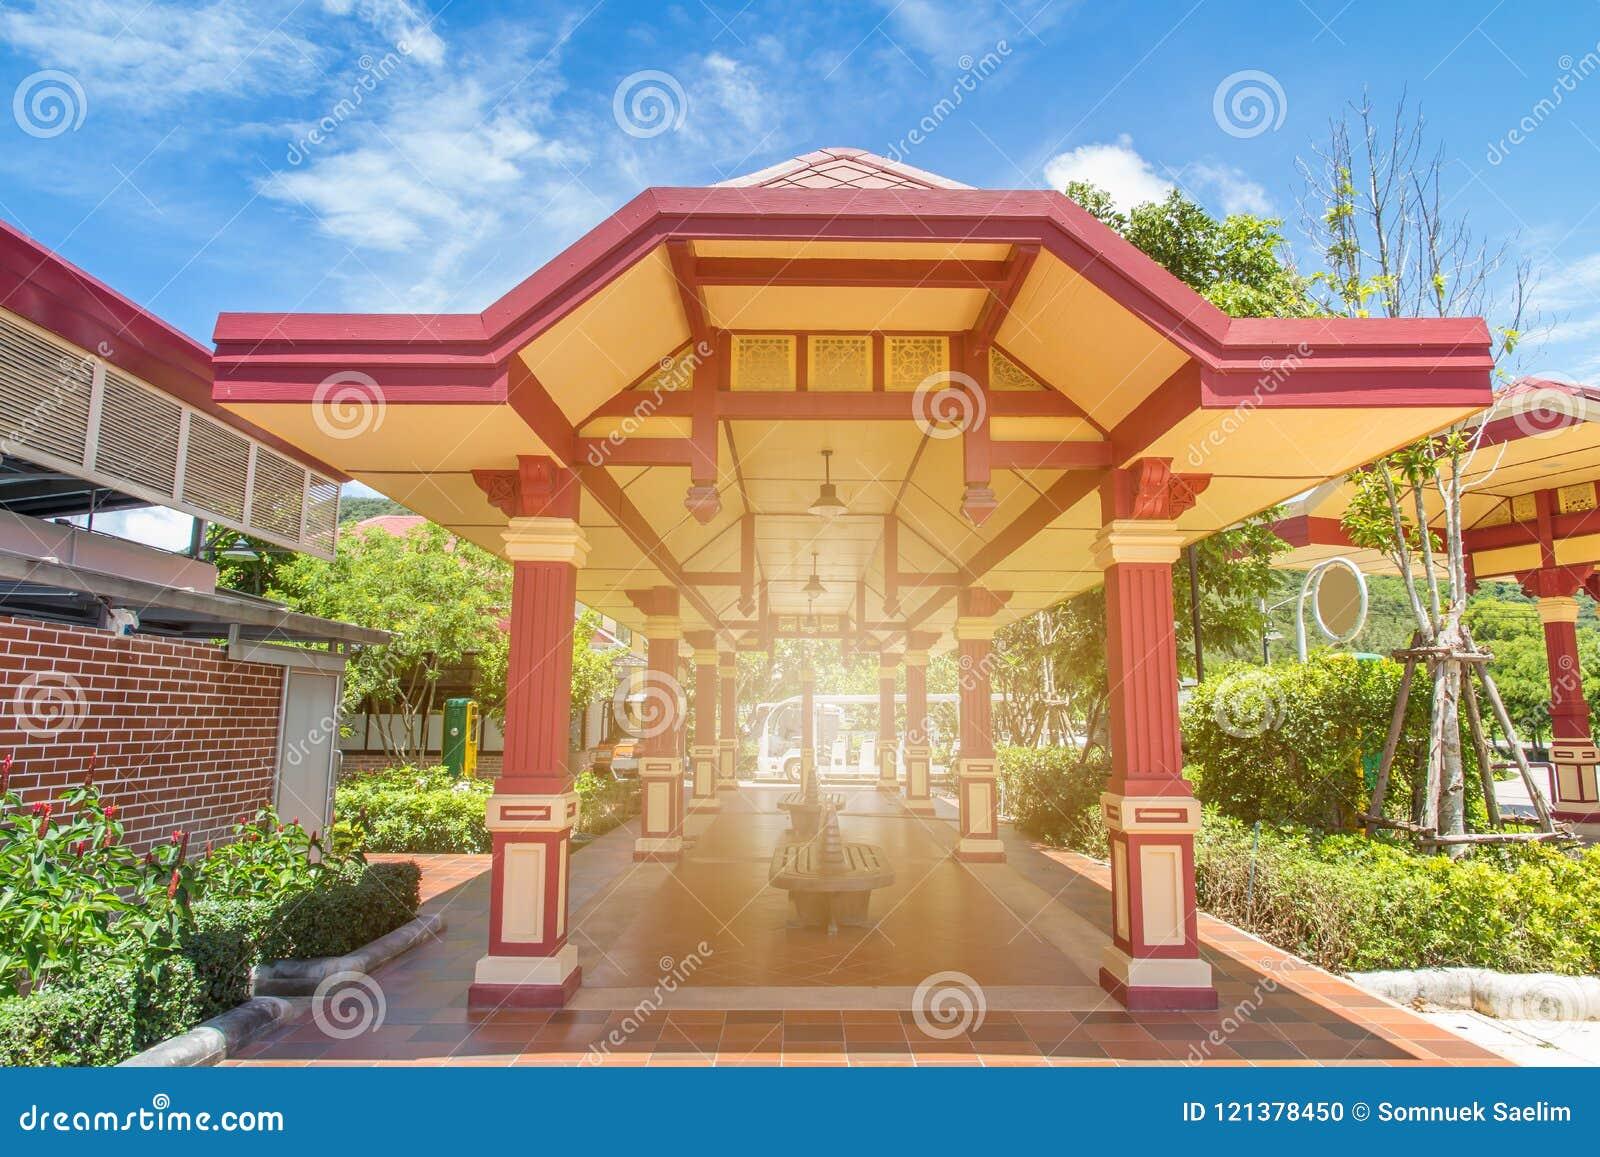 Mooi rood paviljoen in een parkeerterrein voor rust toerisme, openbare boog